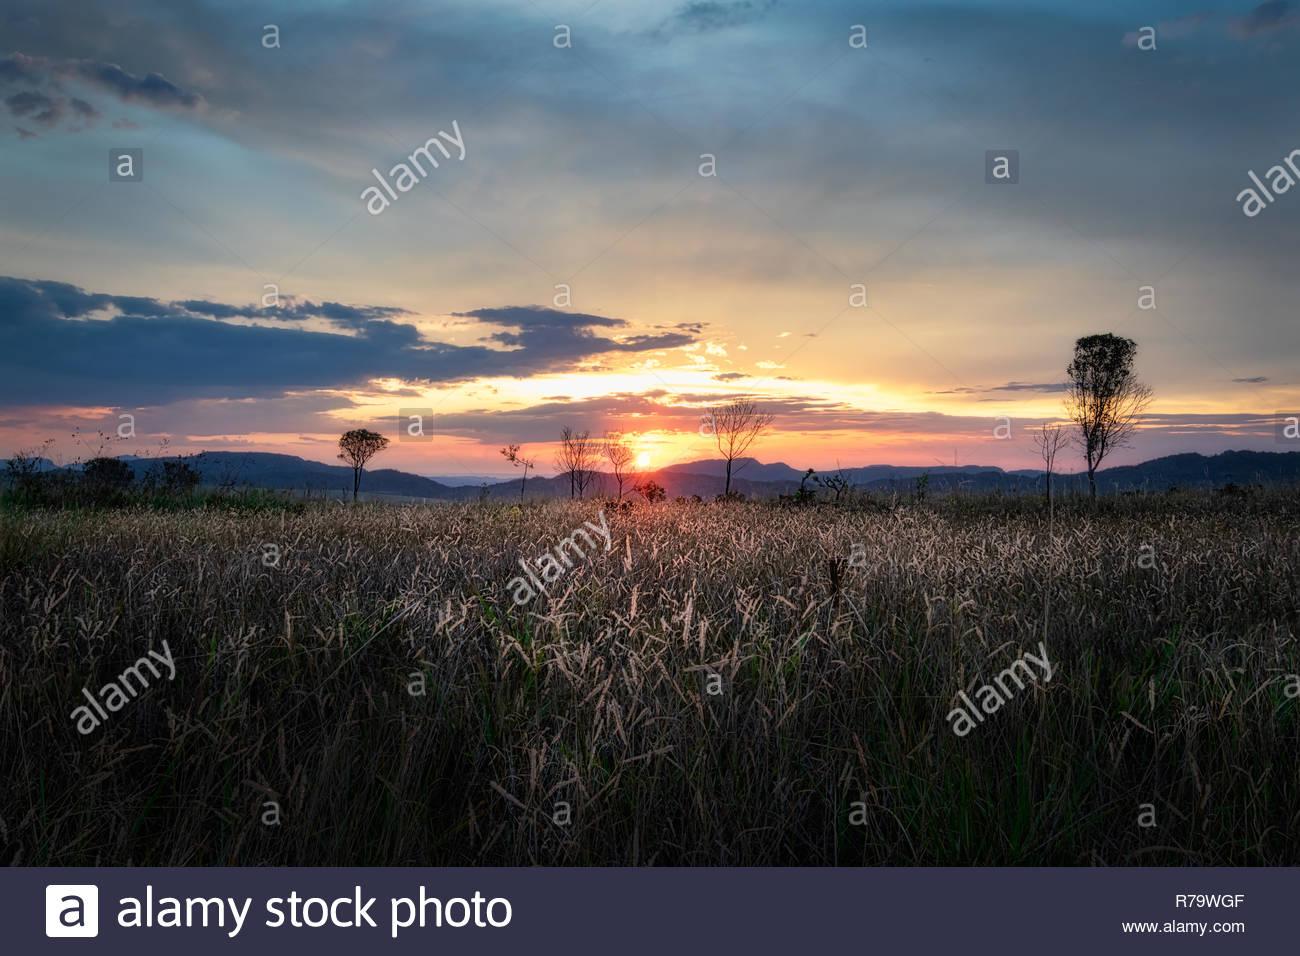 Sunset in the Brazilian savannah, Alto Paraíso de Goiás, Chapada dos Veadeiros, Goiás, Brazil. - Stock Image